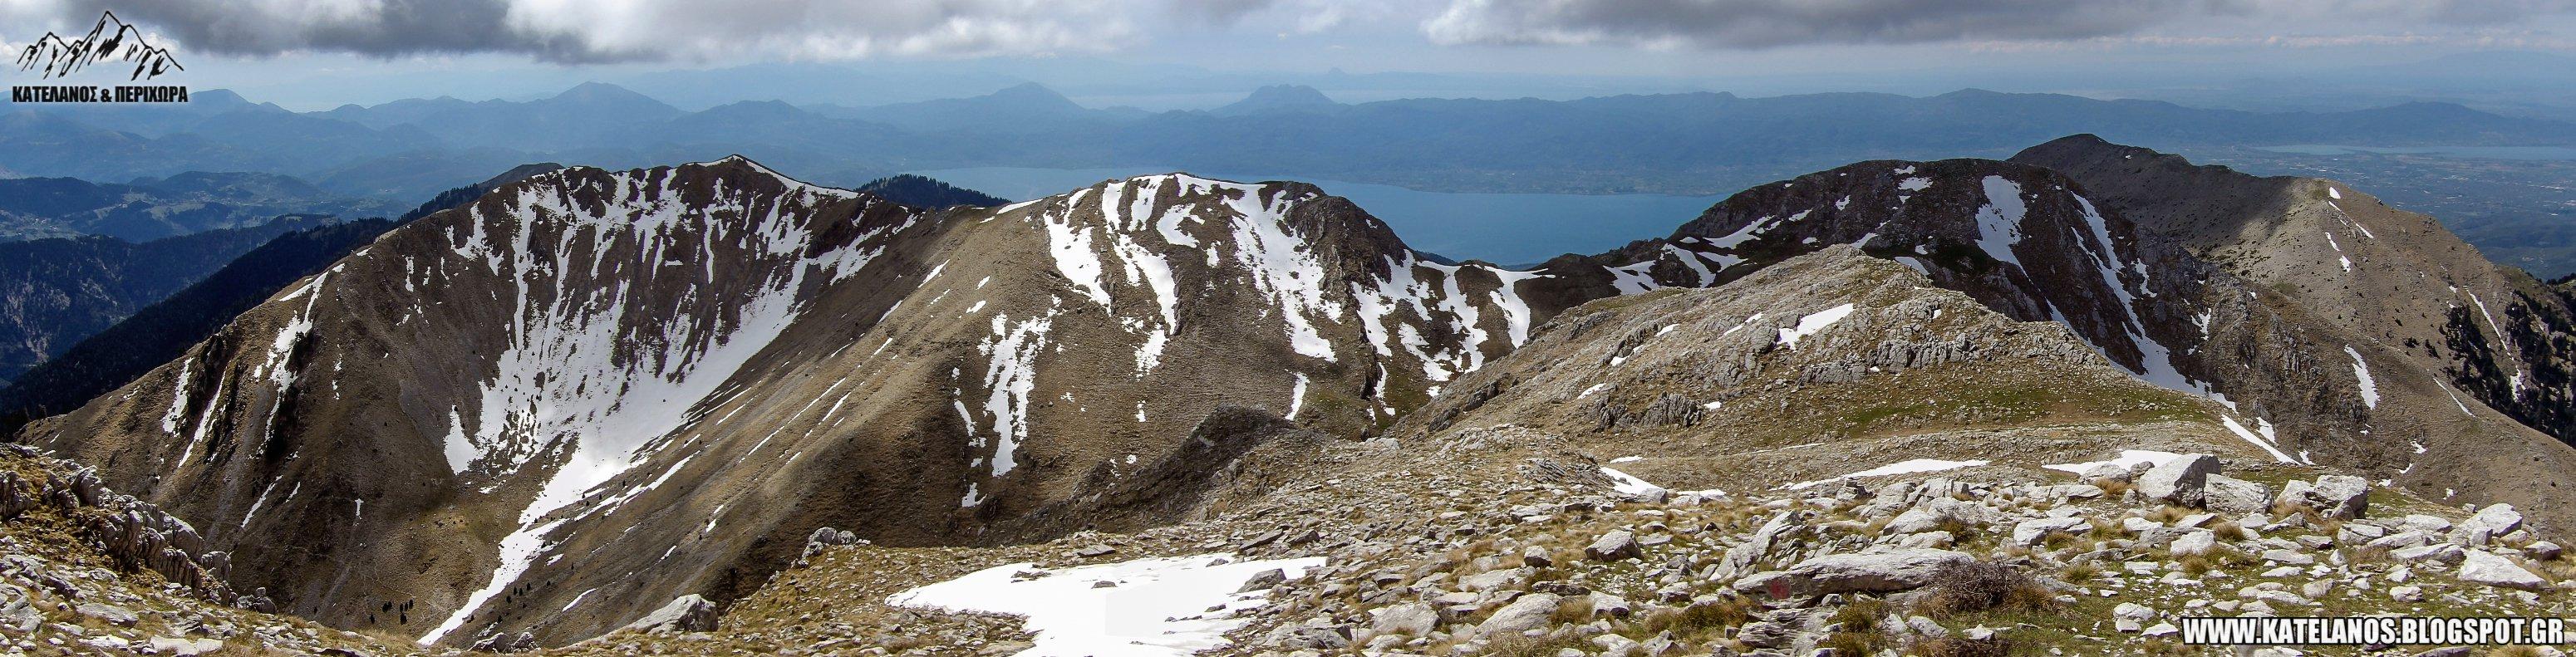 κορυφες ξανθη γκιορλα γιορλα βγενα παναιτωλικο ορος βουνοκορφες